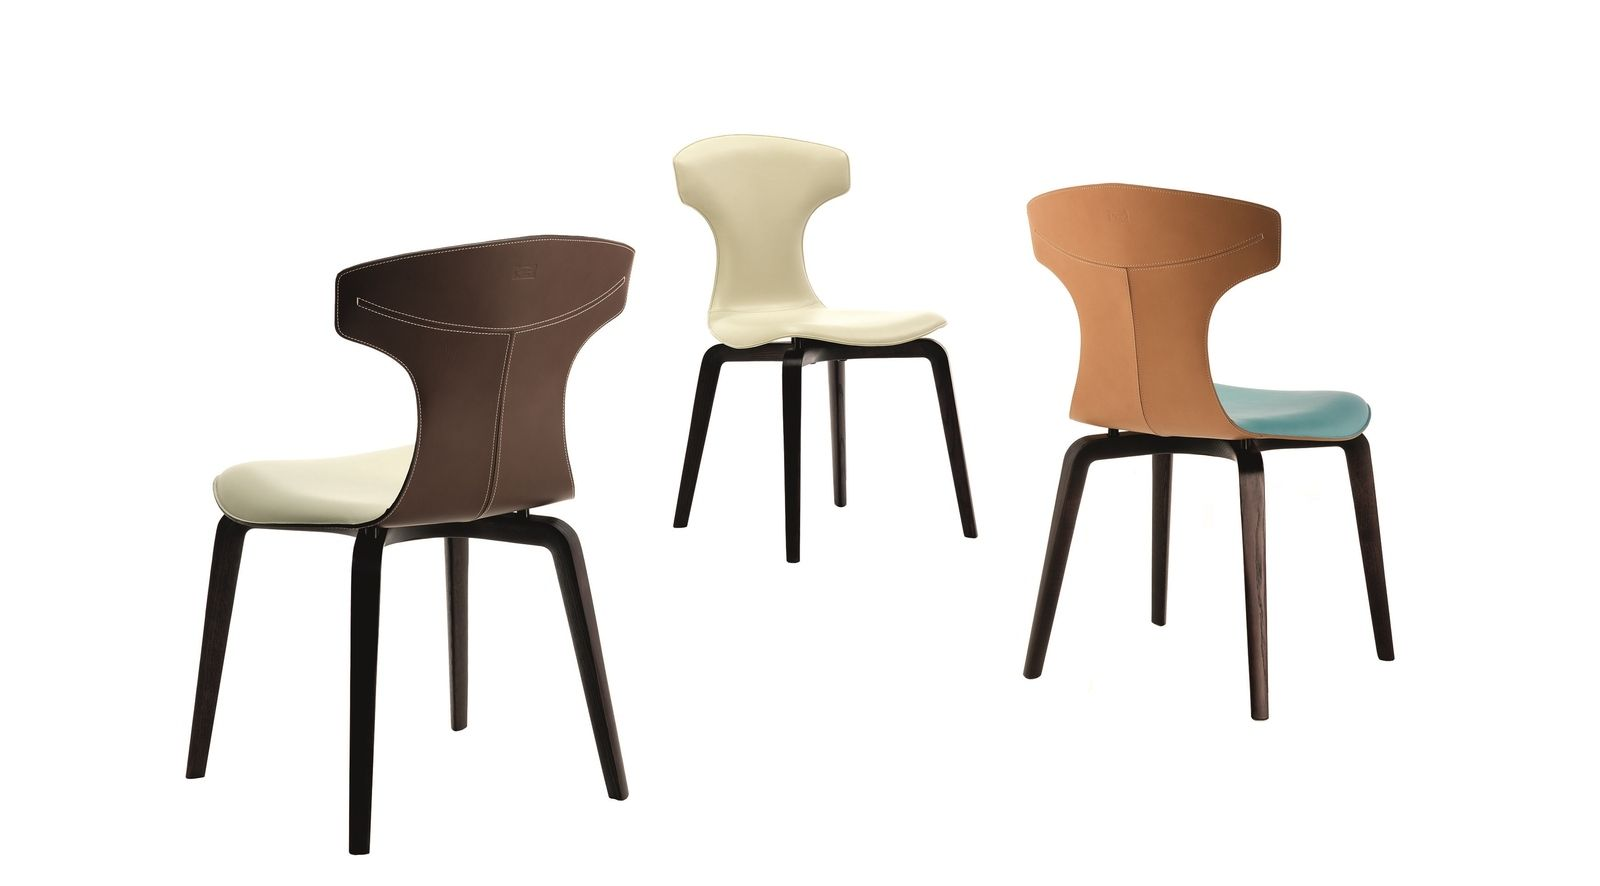 Sedie frau ~ Poltrona frau montera roberto lazzeroni chairs ff&e iii